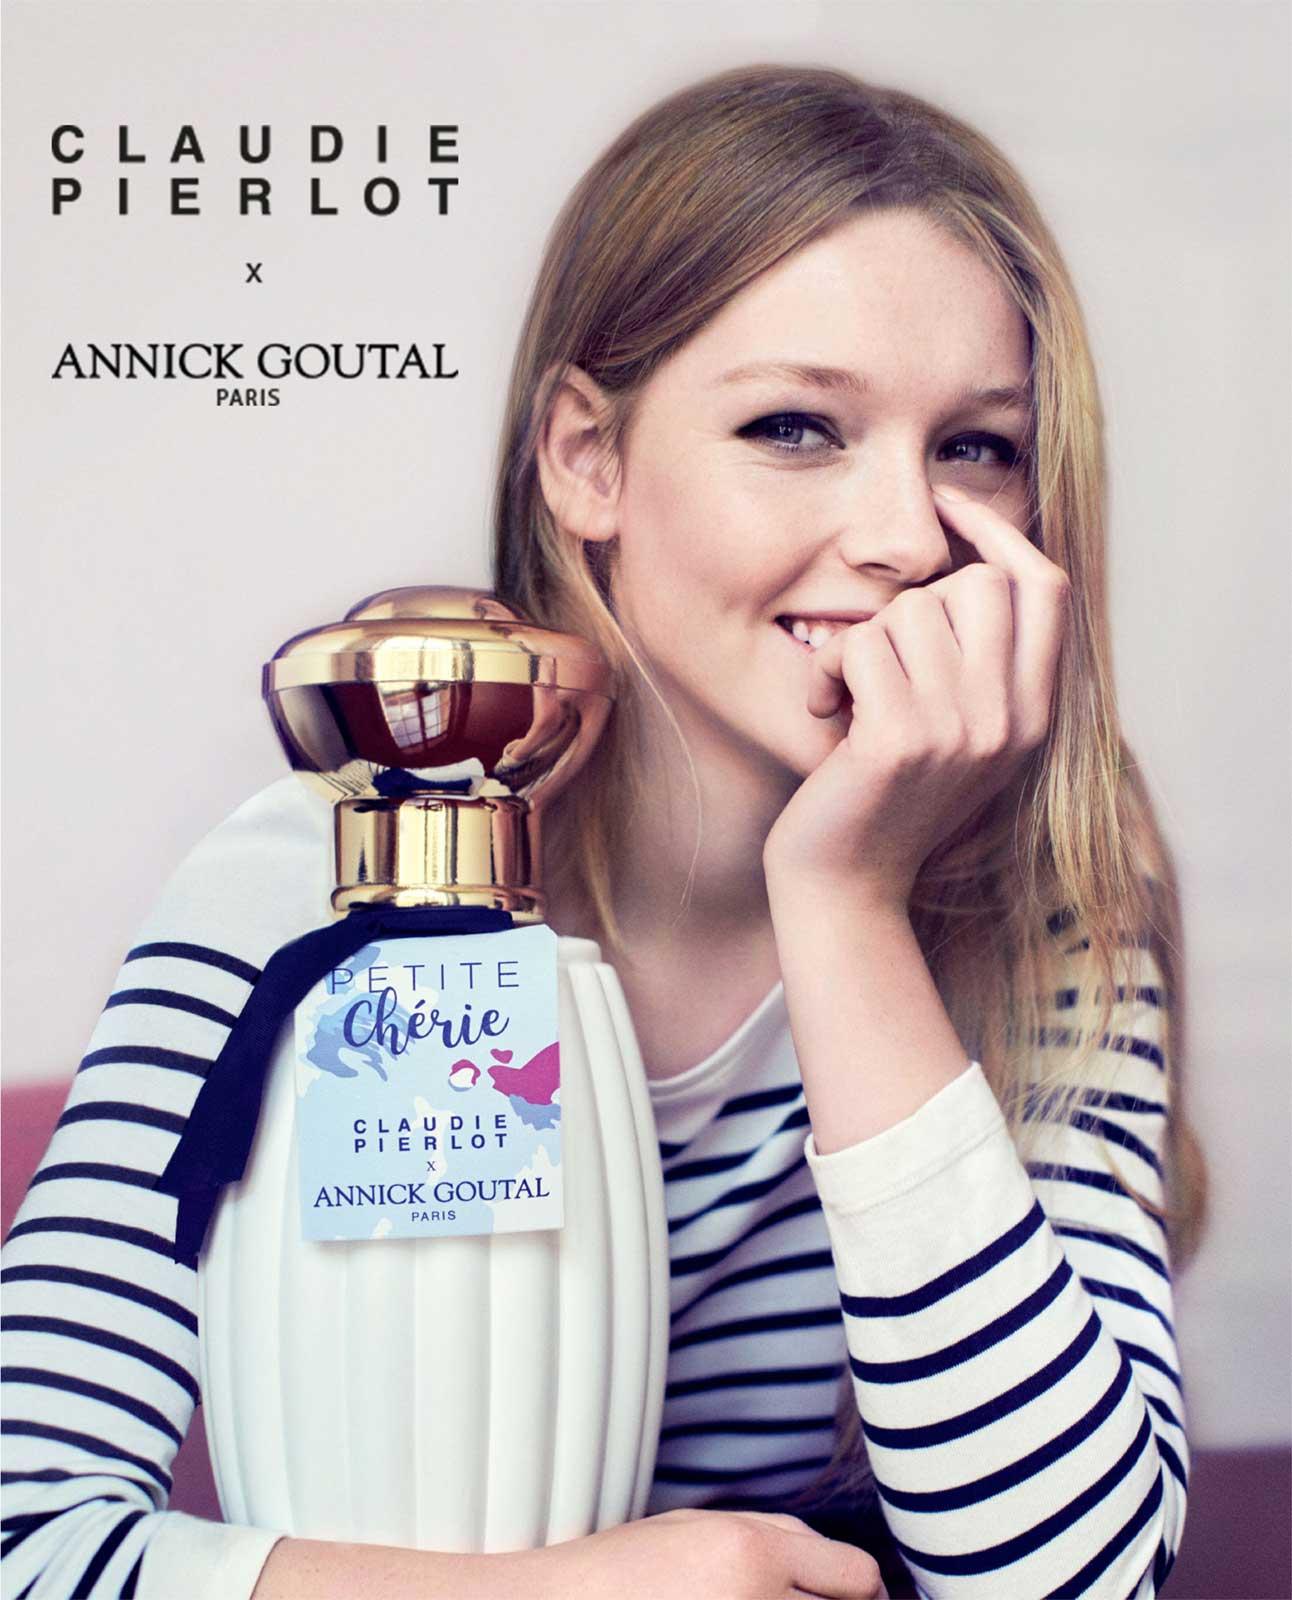 Claudie Pierlot x Annick Goutal Petite Chérie